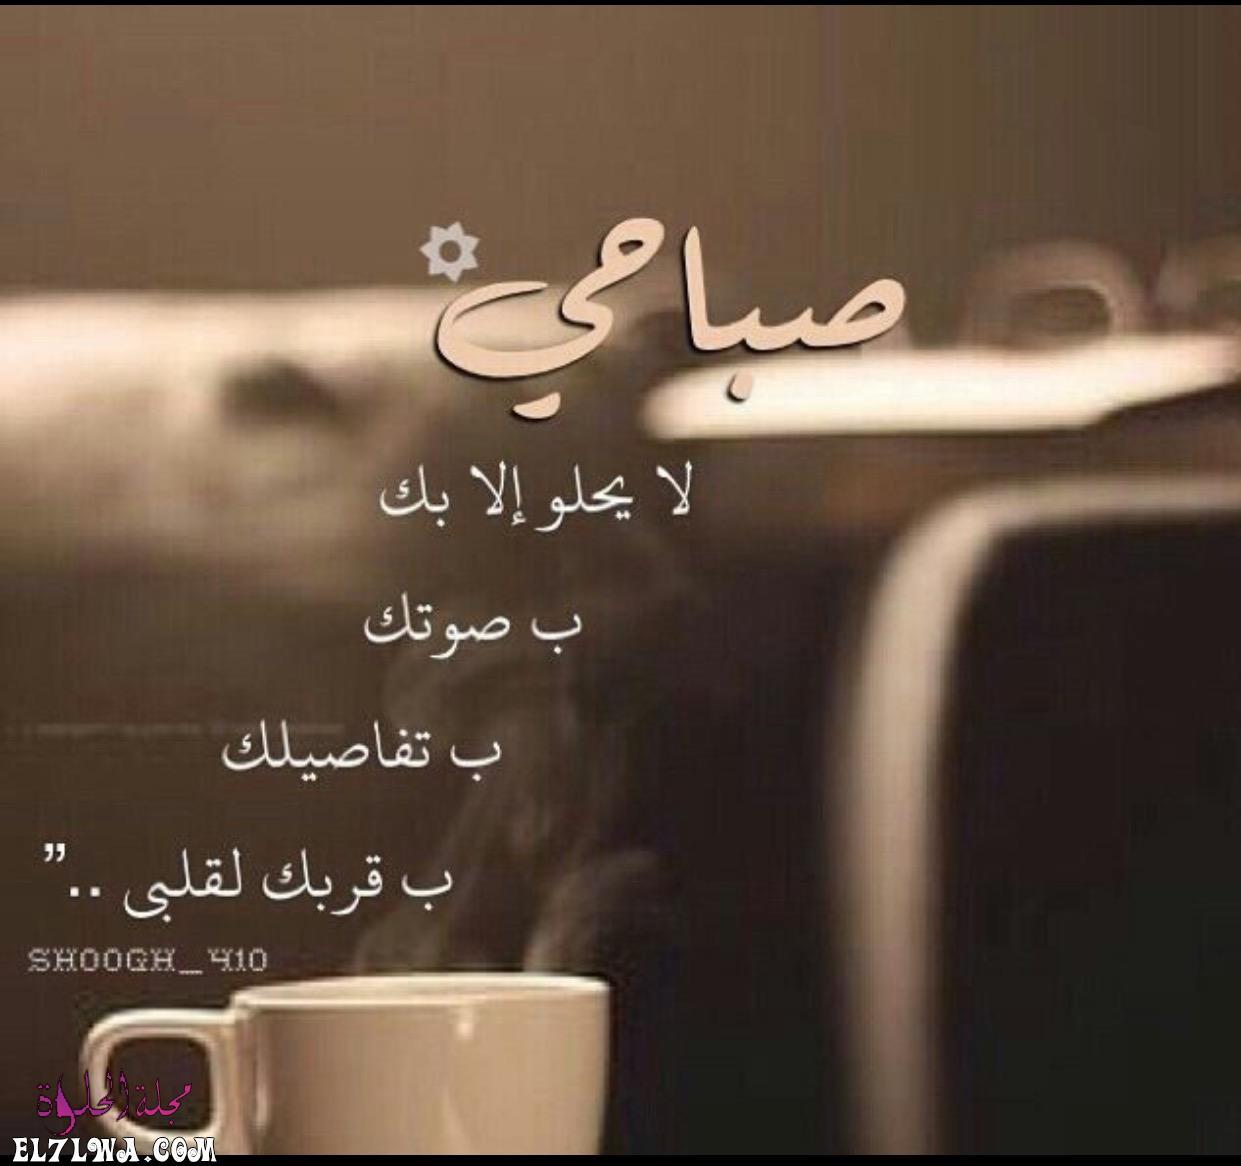 أرق العبارات الصباحية - عبارات صباحية رمزيات صباح الخير كلمات صباح الخير